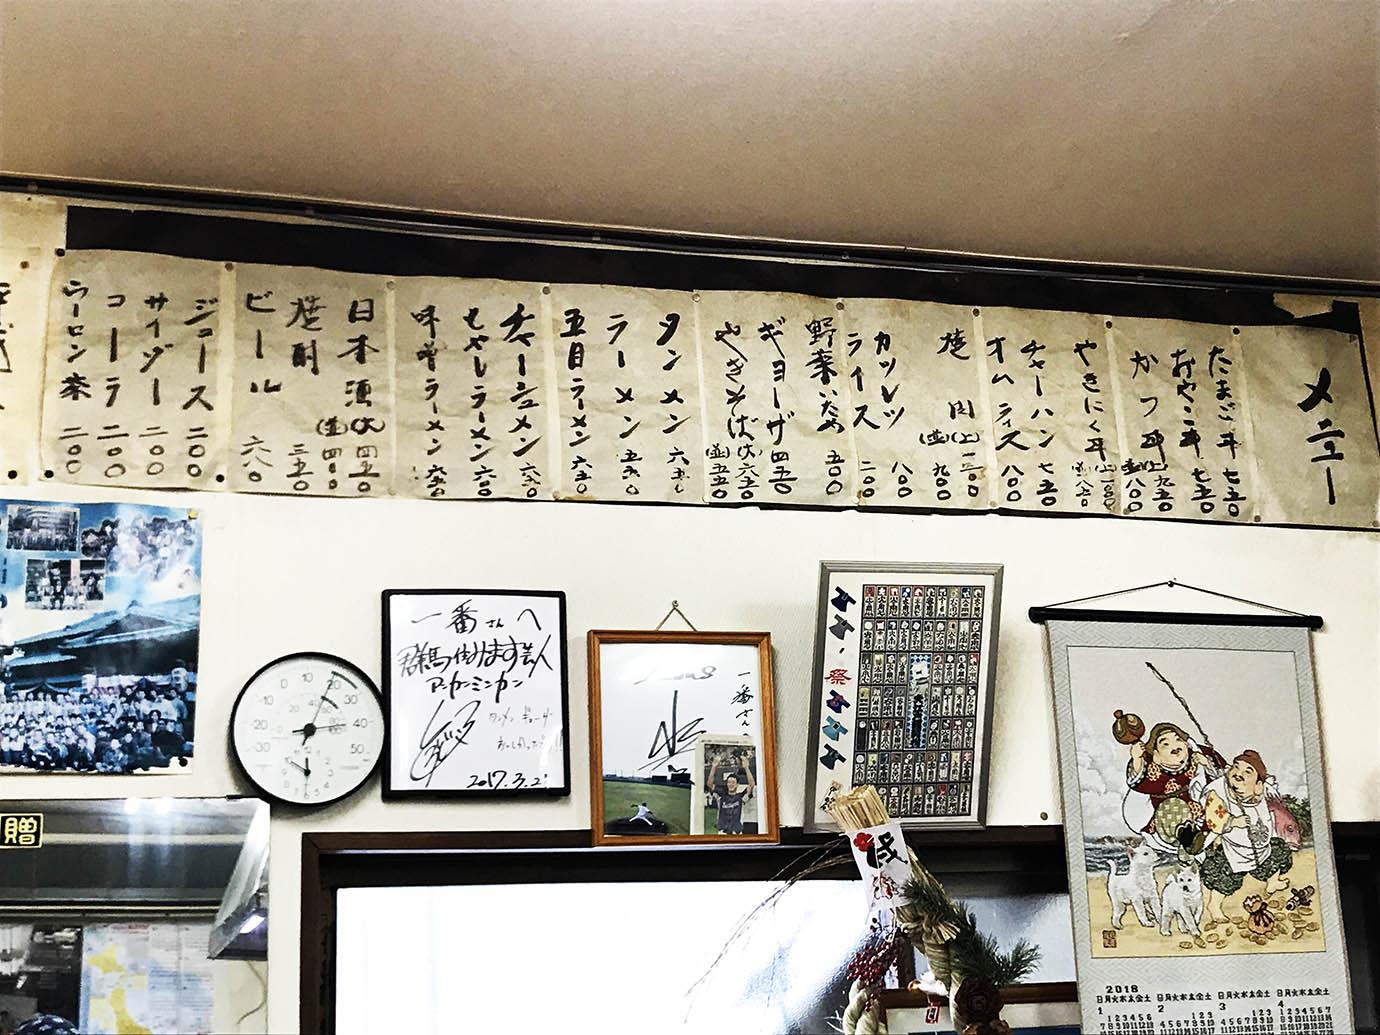 kodoku-no-gurume-season7-ichiban12